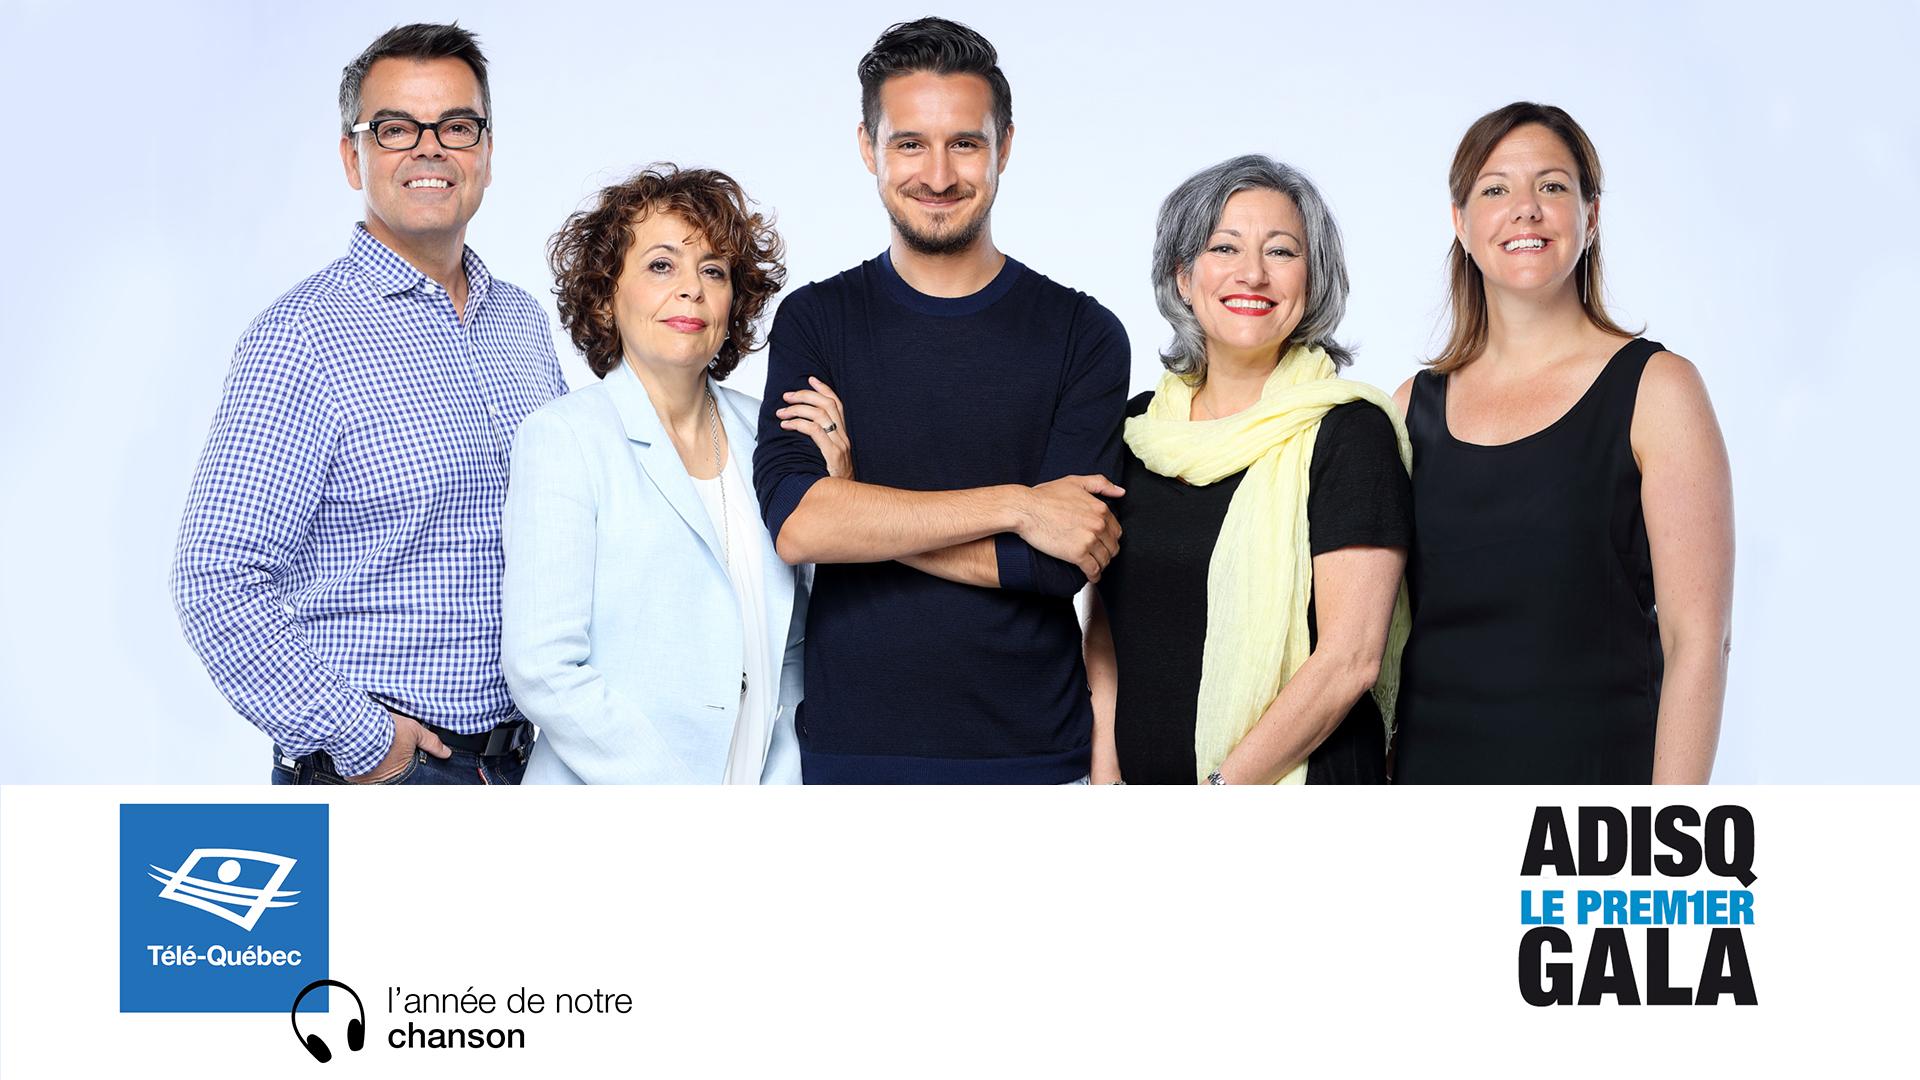 L'ADISQ s'associe à Télé-Québec